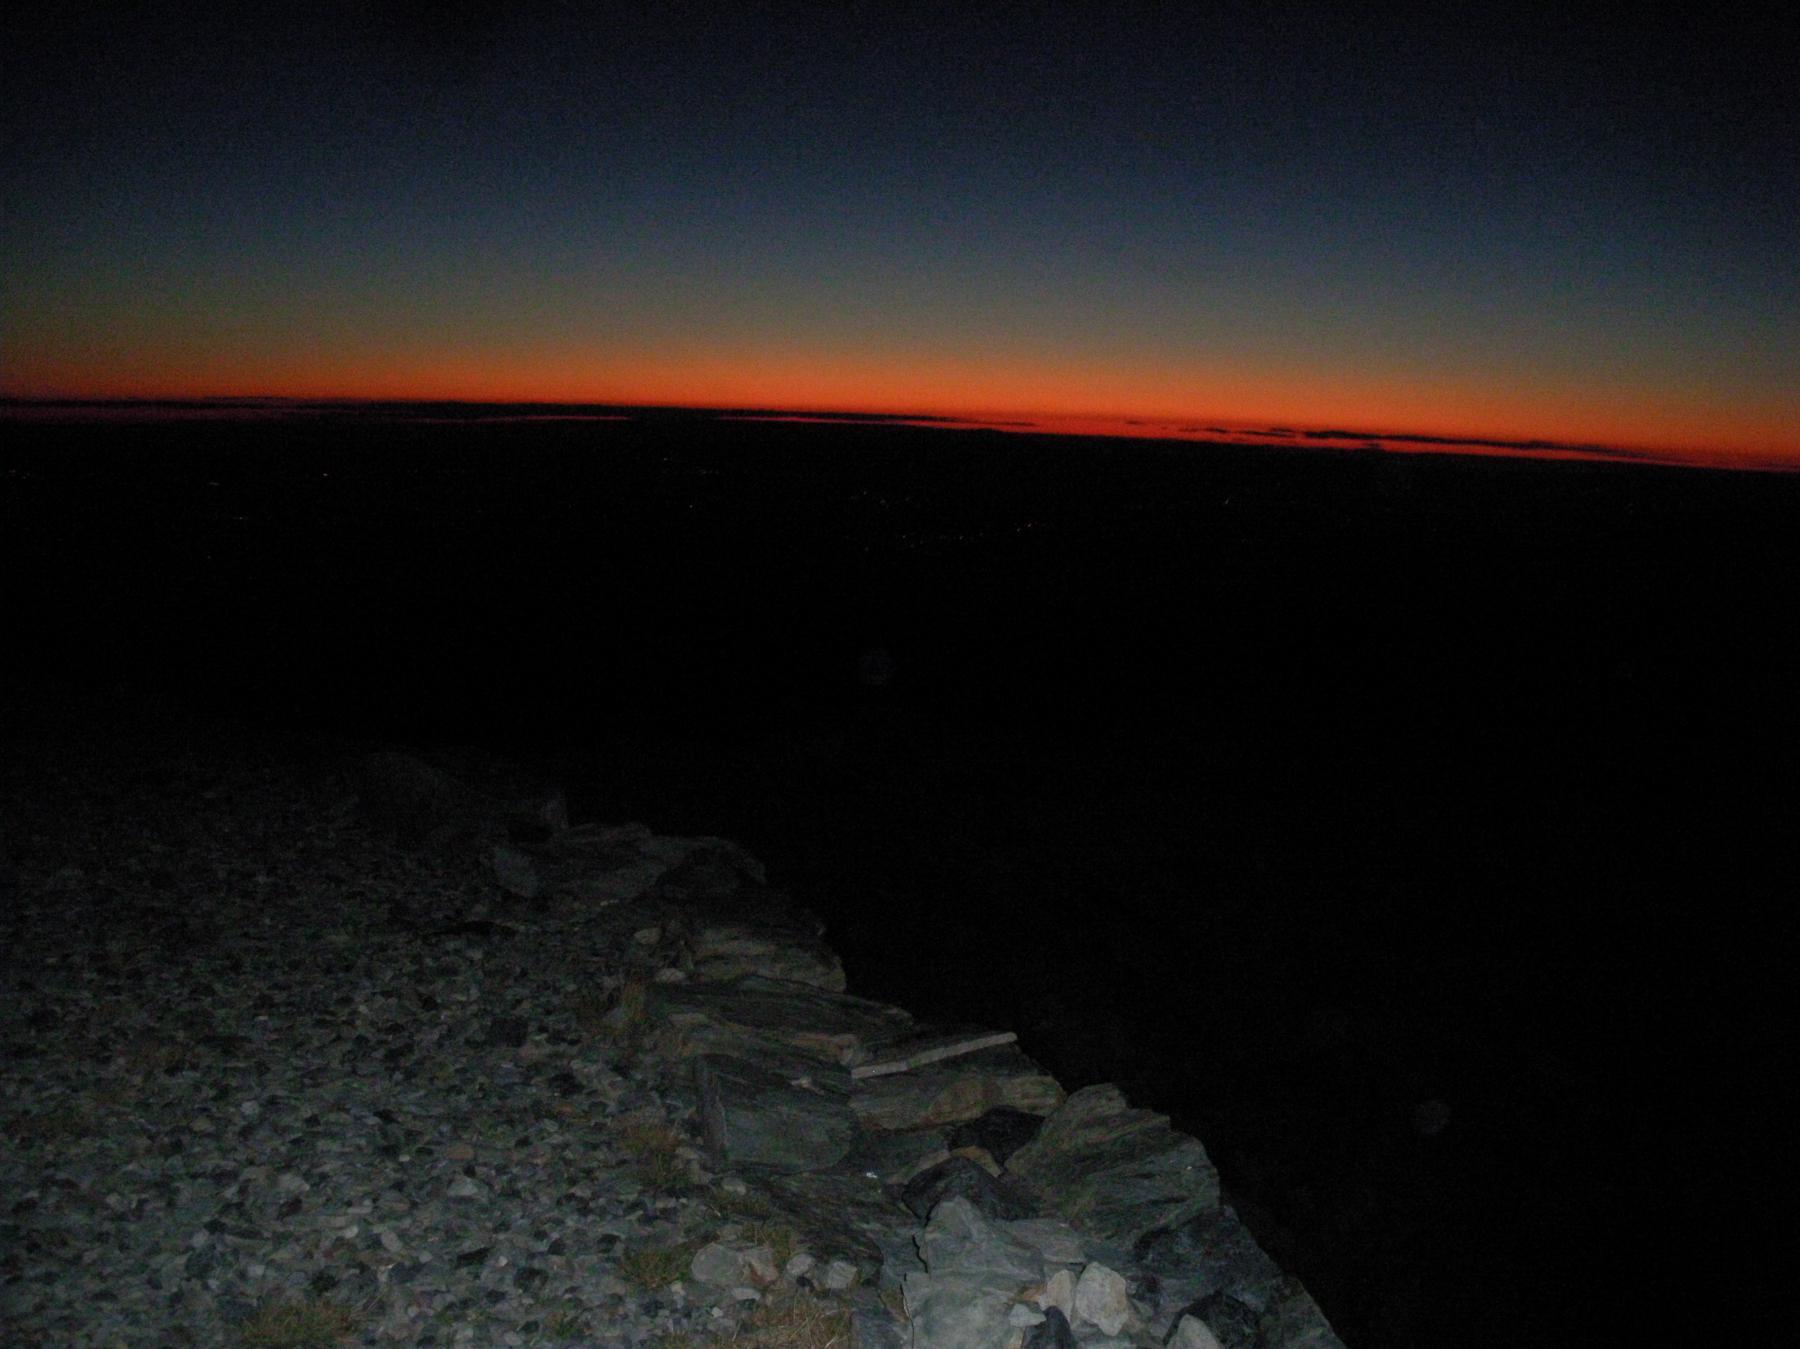 l'alba incombe..dallo spiazzo antistante il rifugio..